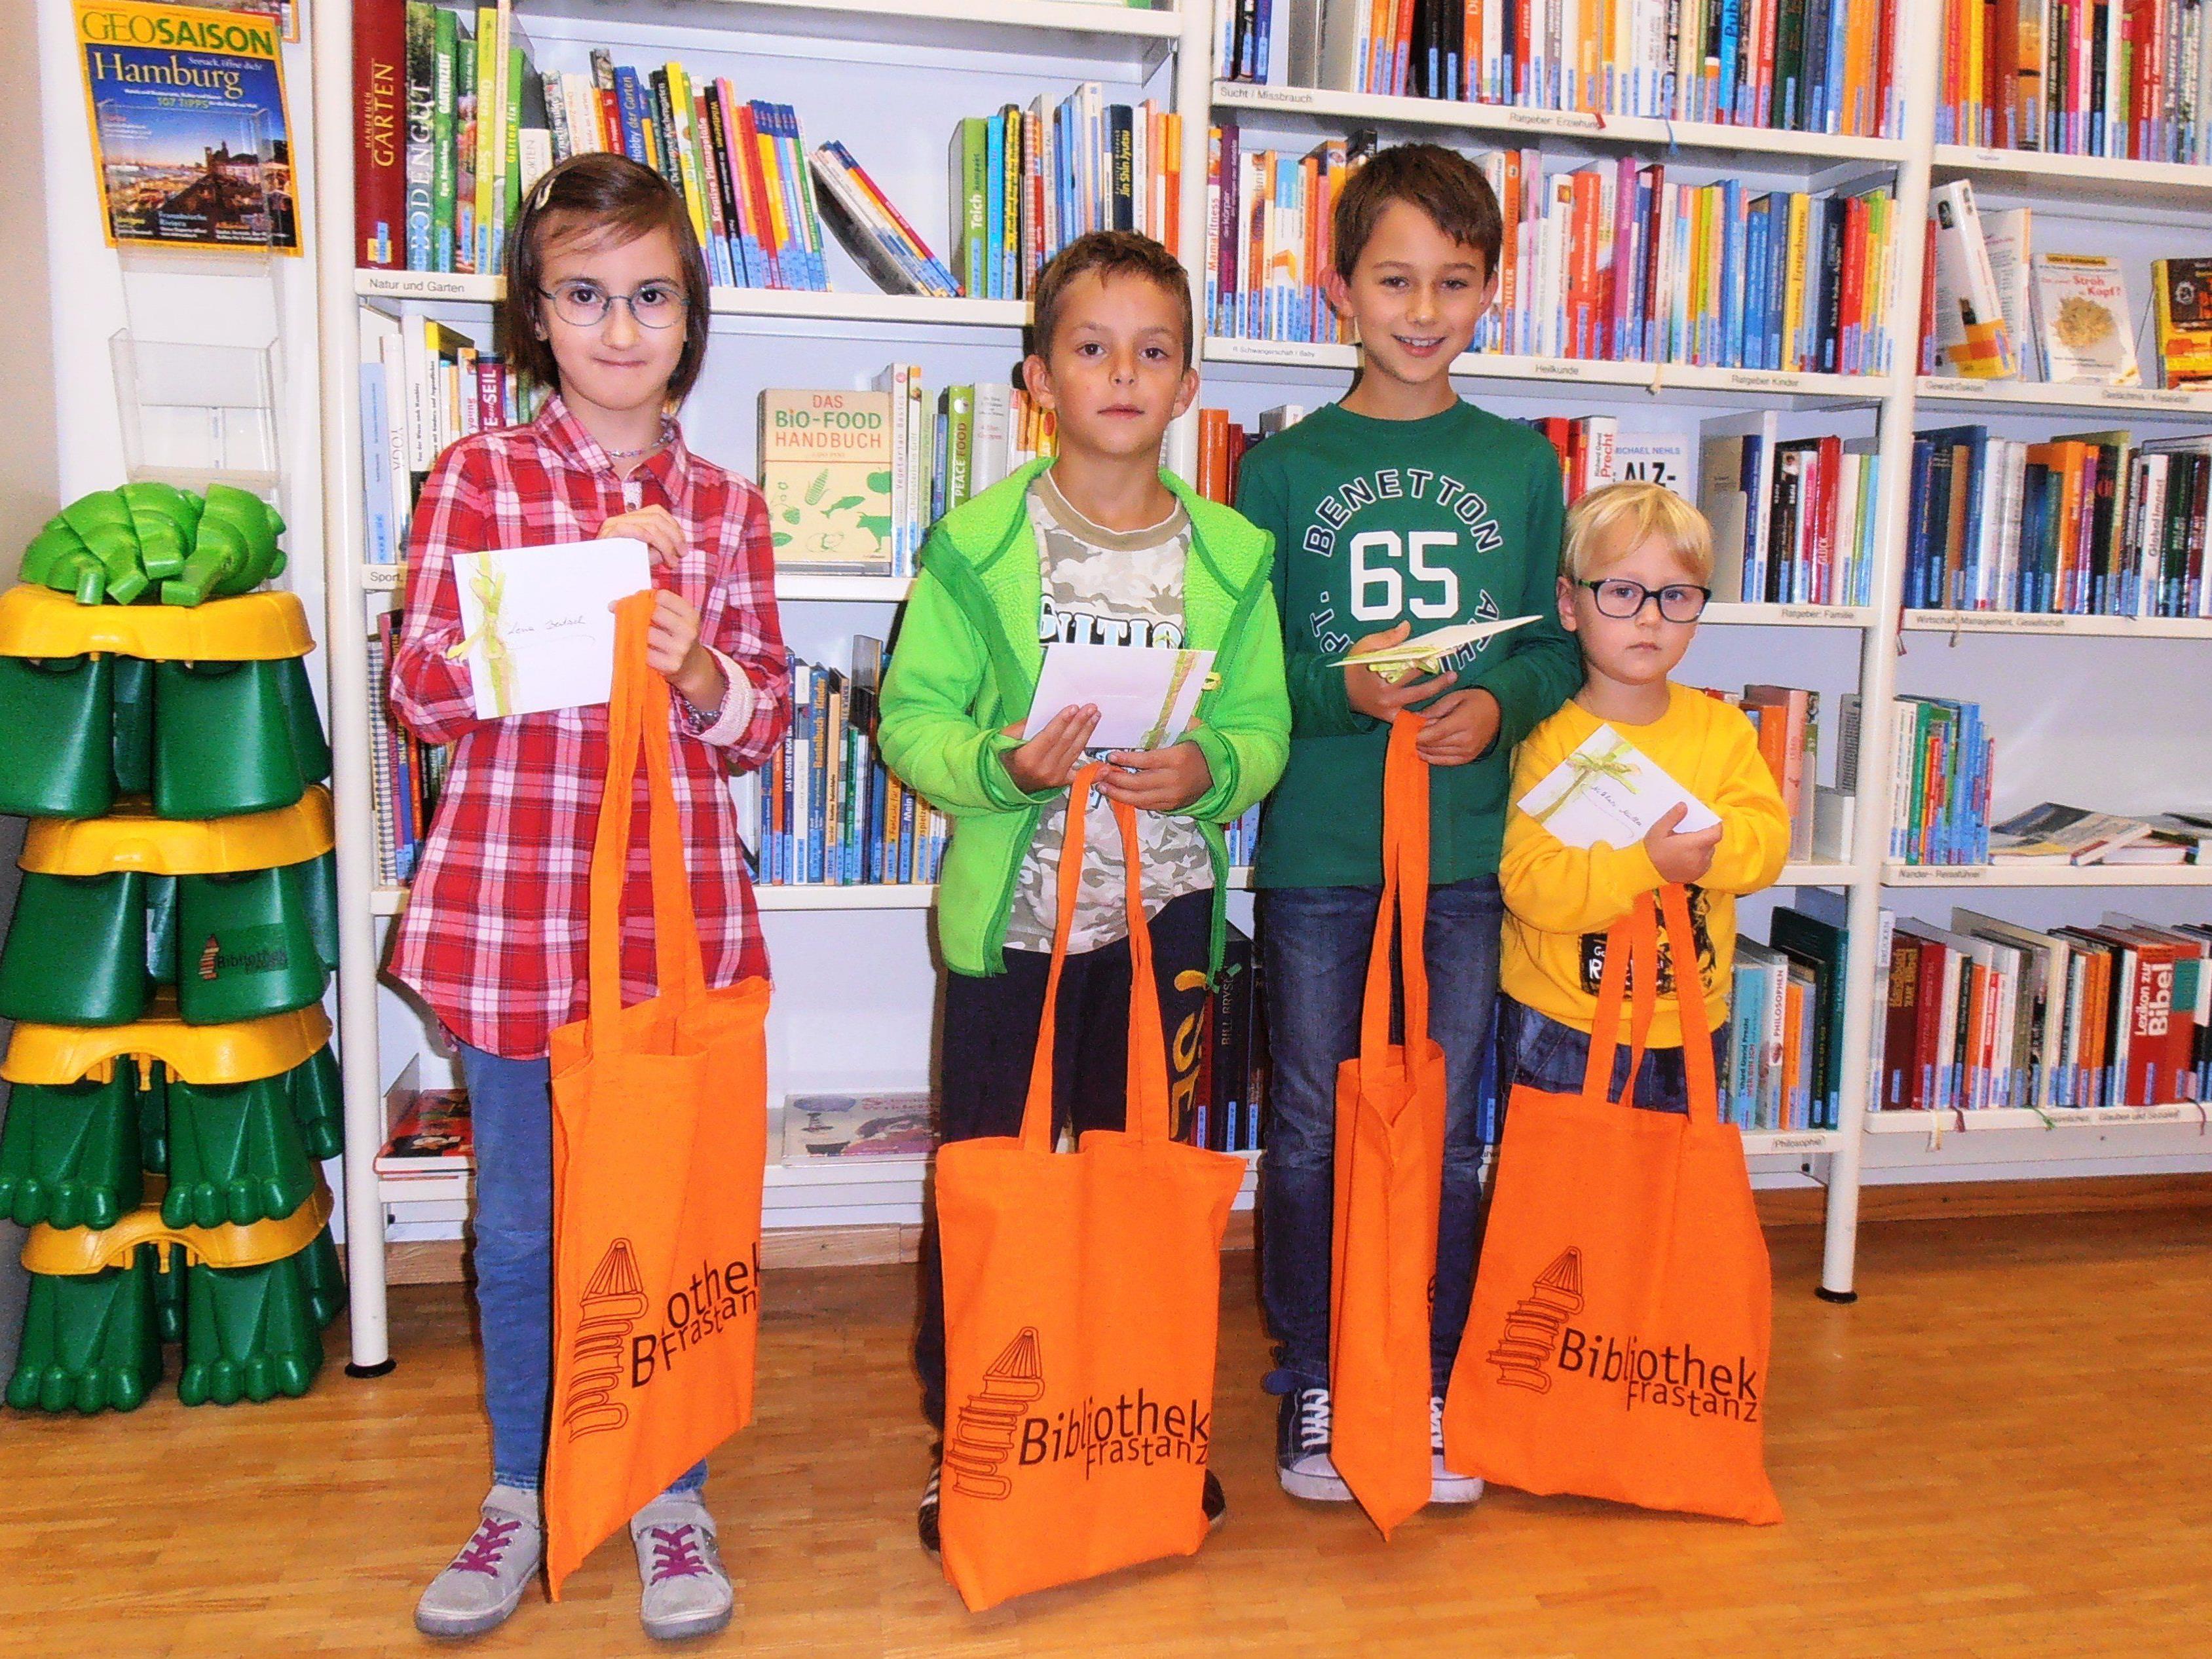 Die Kinder freuen sich über Buchgutscheine und eine neue Bibliothekstasche mit